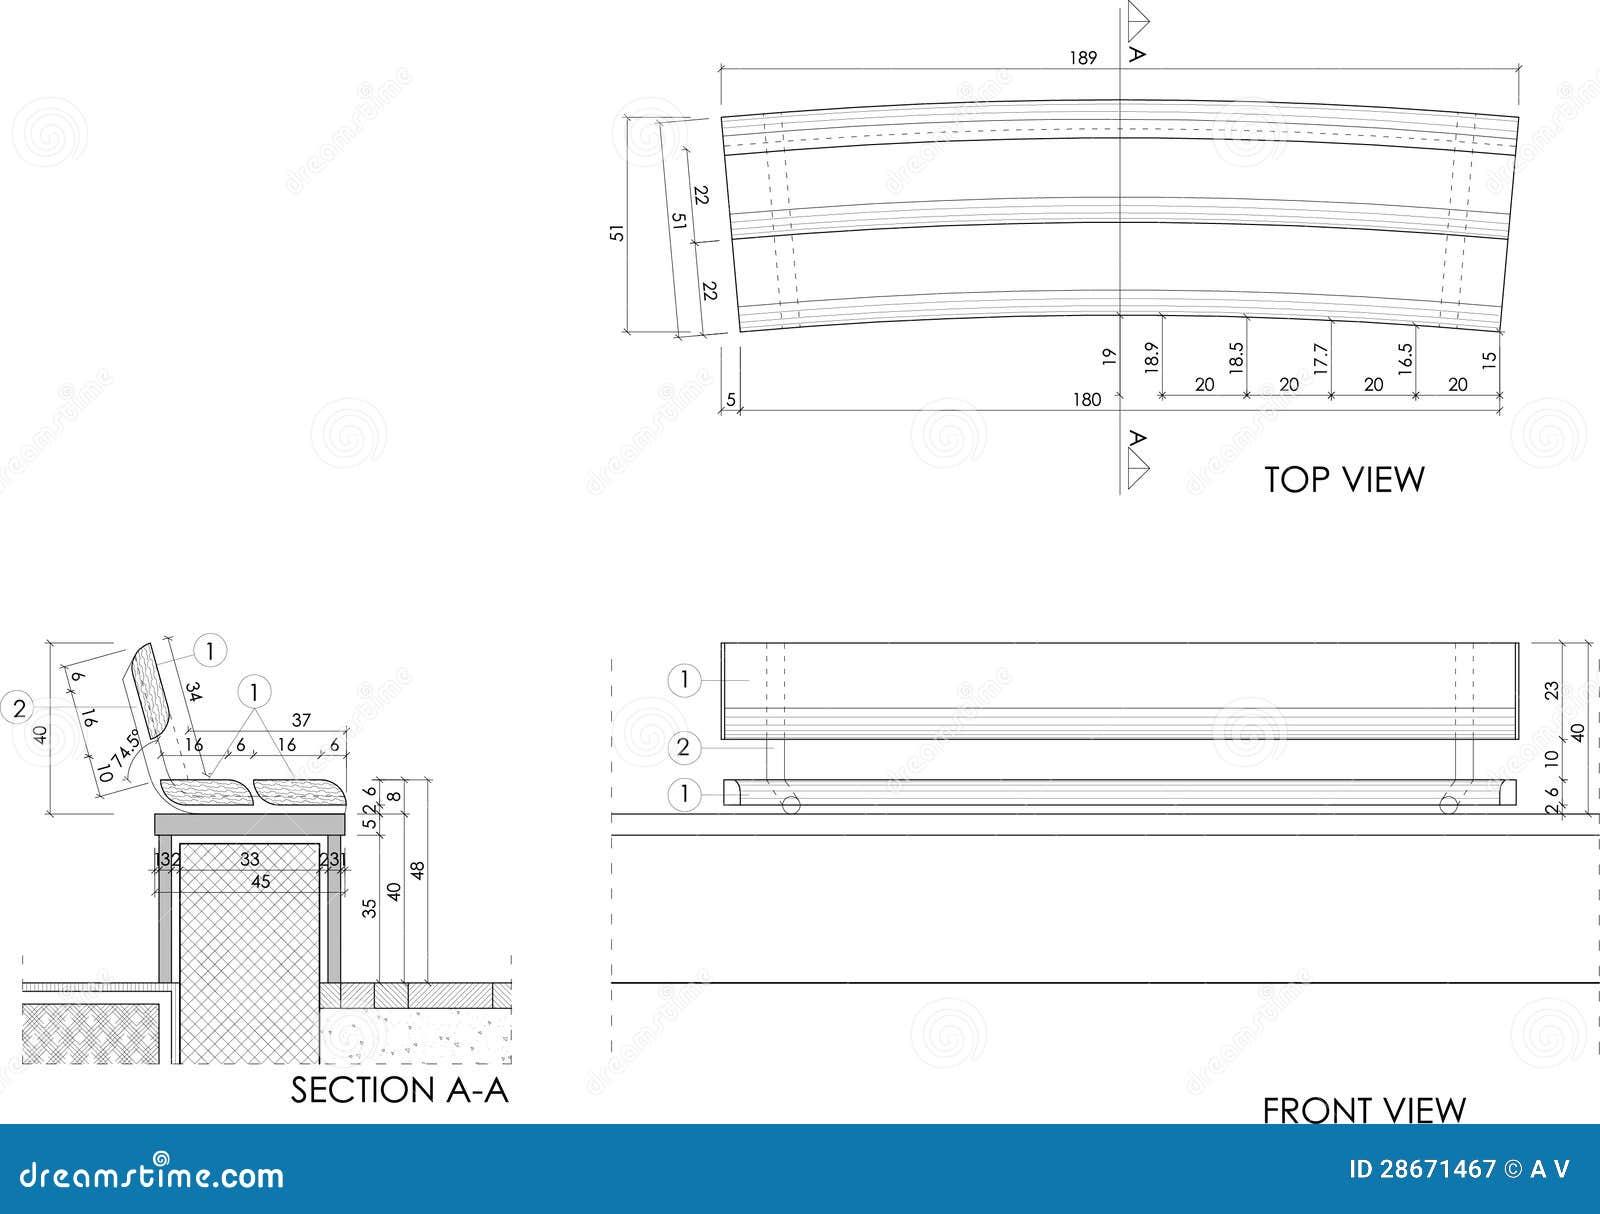 banco de jardim vetor:Desenho Do Banco De Madeira Fotografia de Stock Royalty Free – Imagem